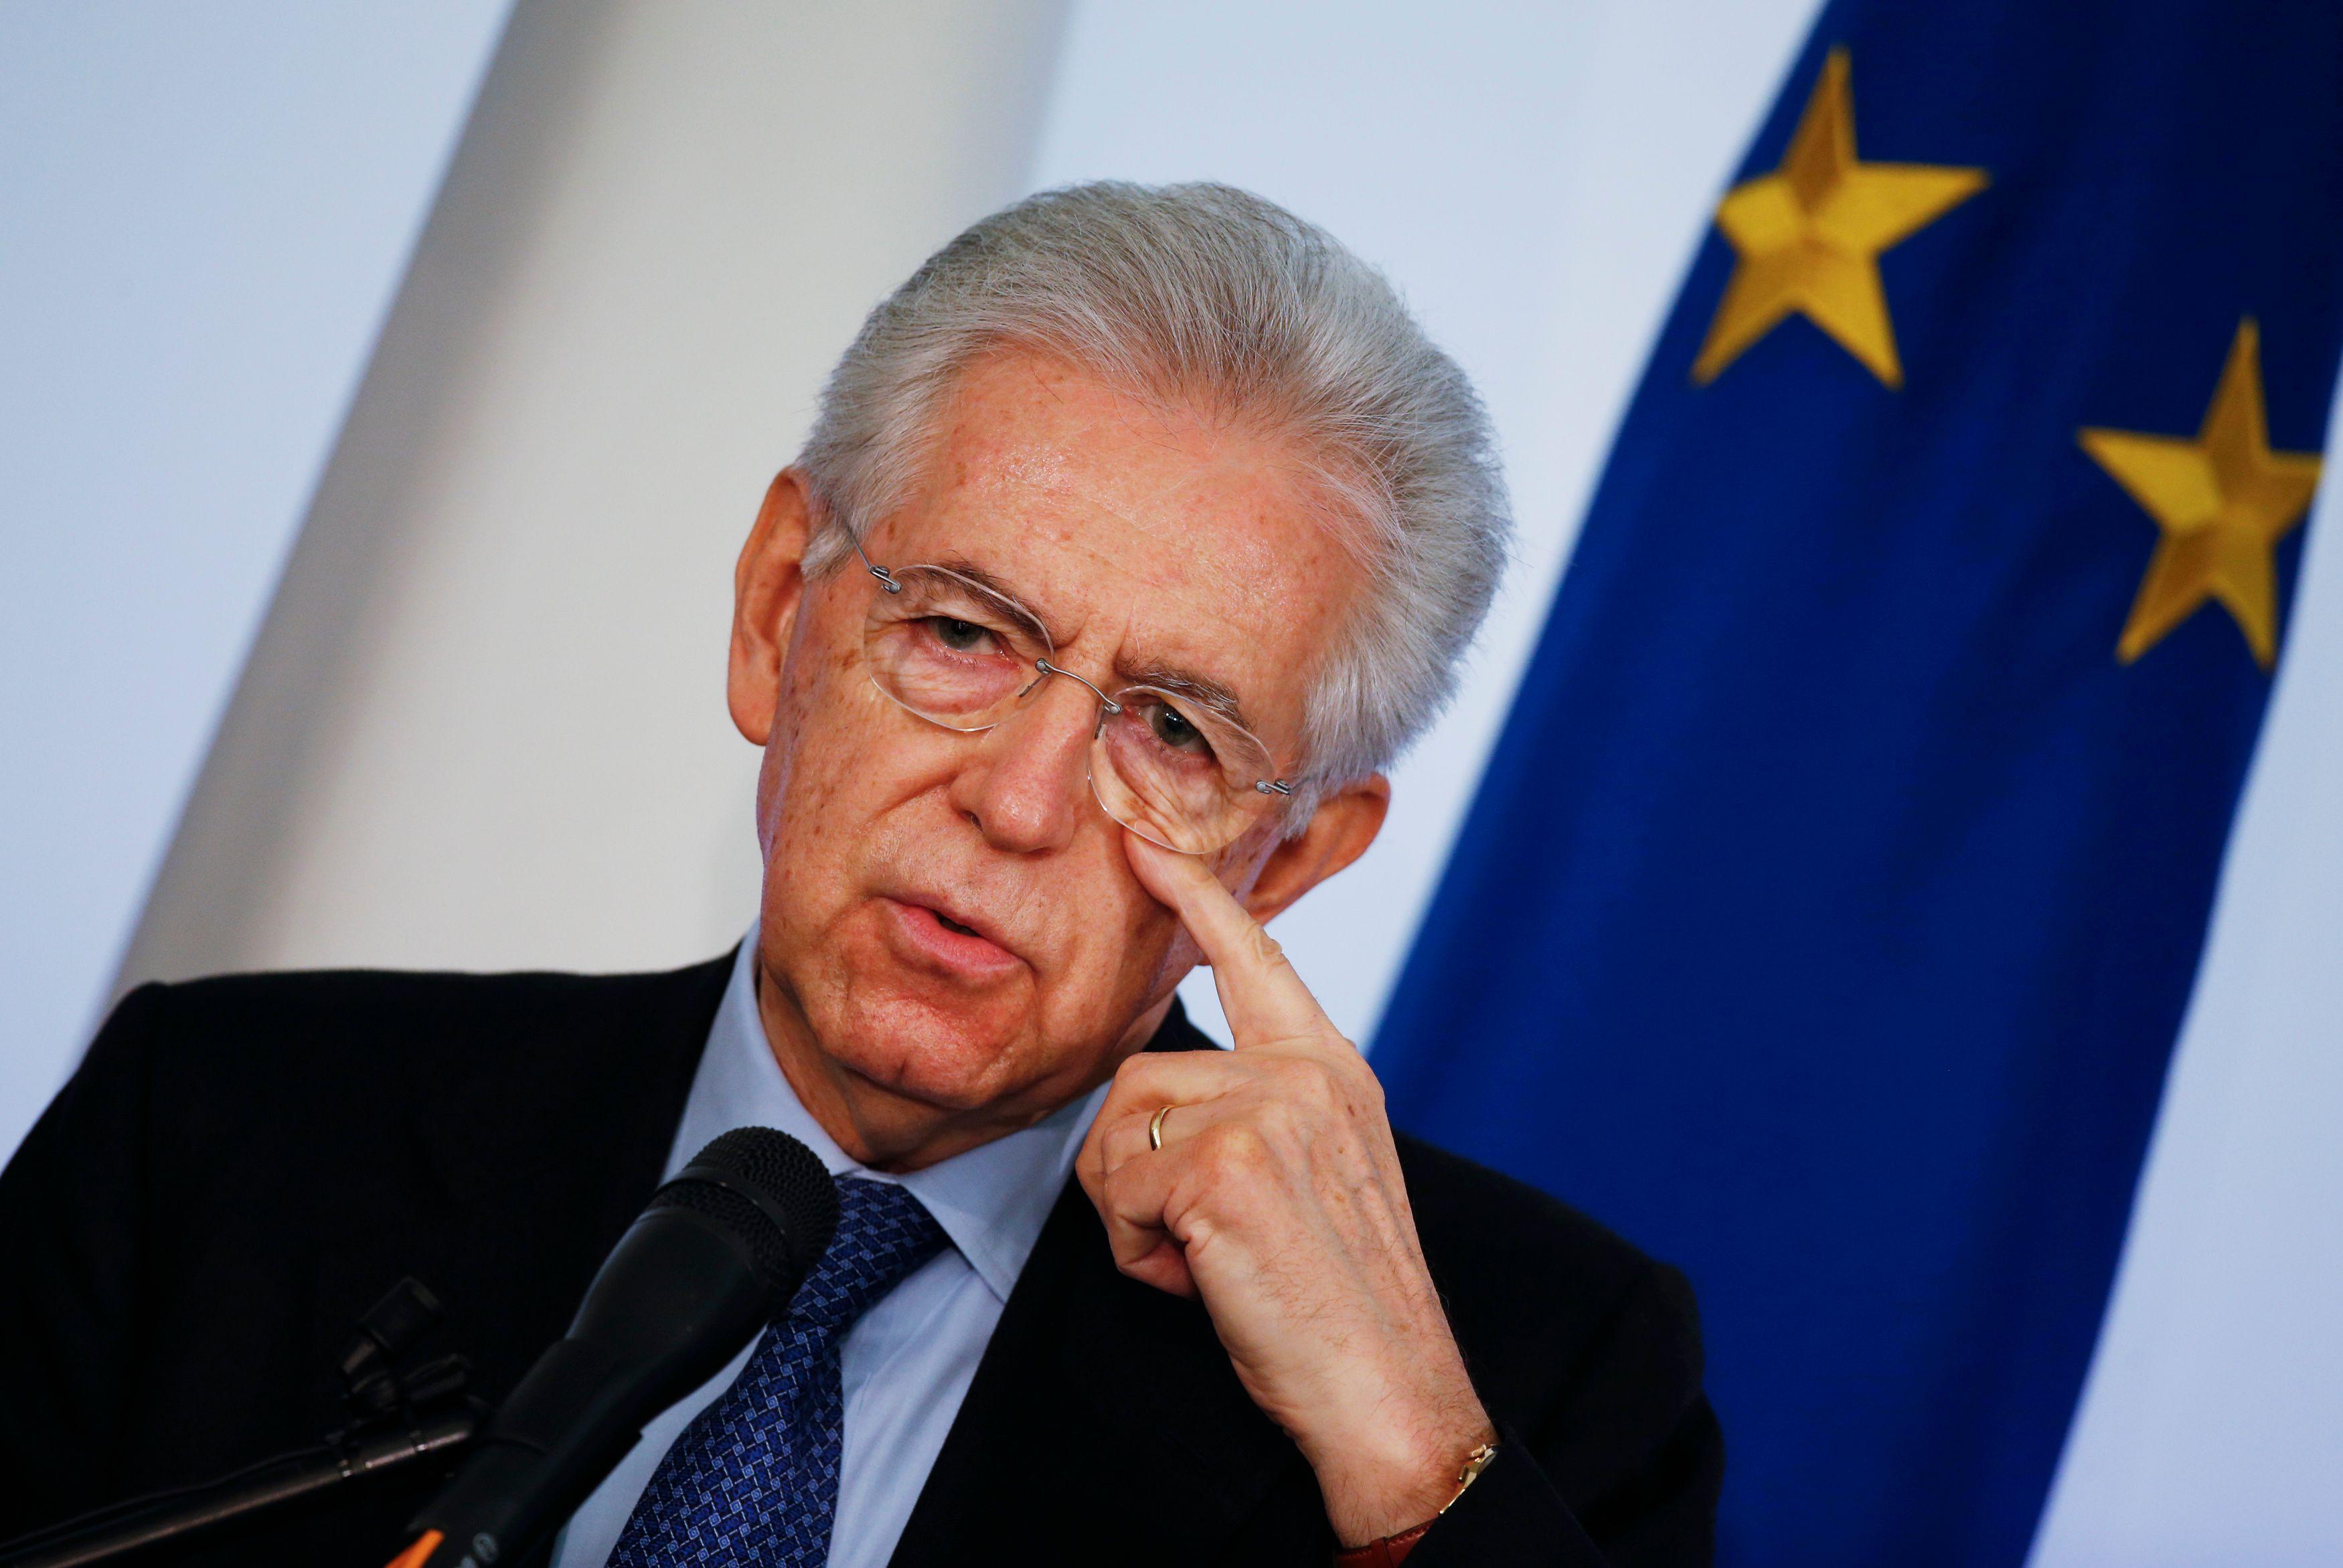 """Mario Monti : """"Dans quelques années, l'Union européenne ne sera peut-être plus là"""""""